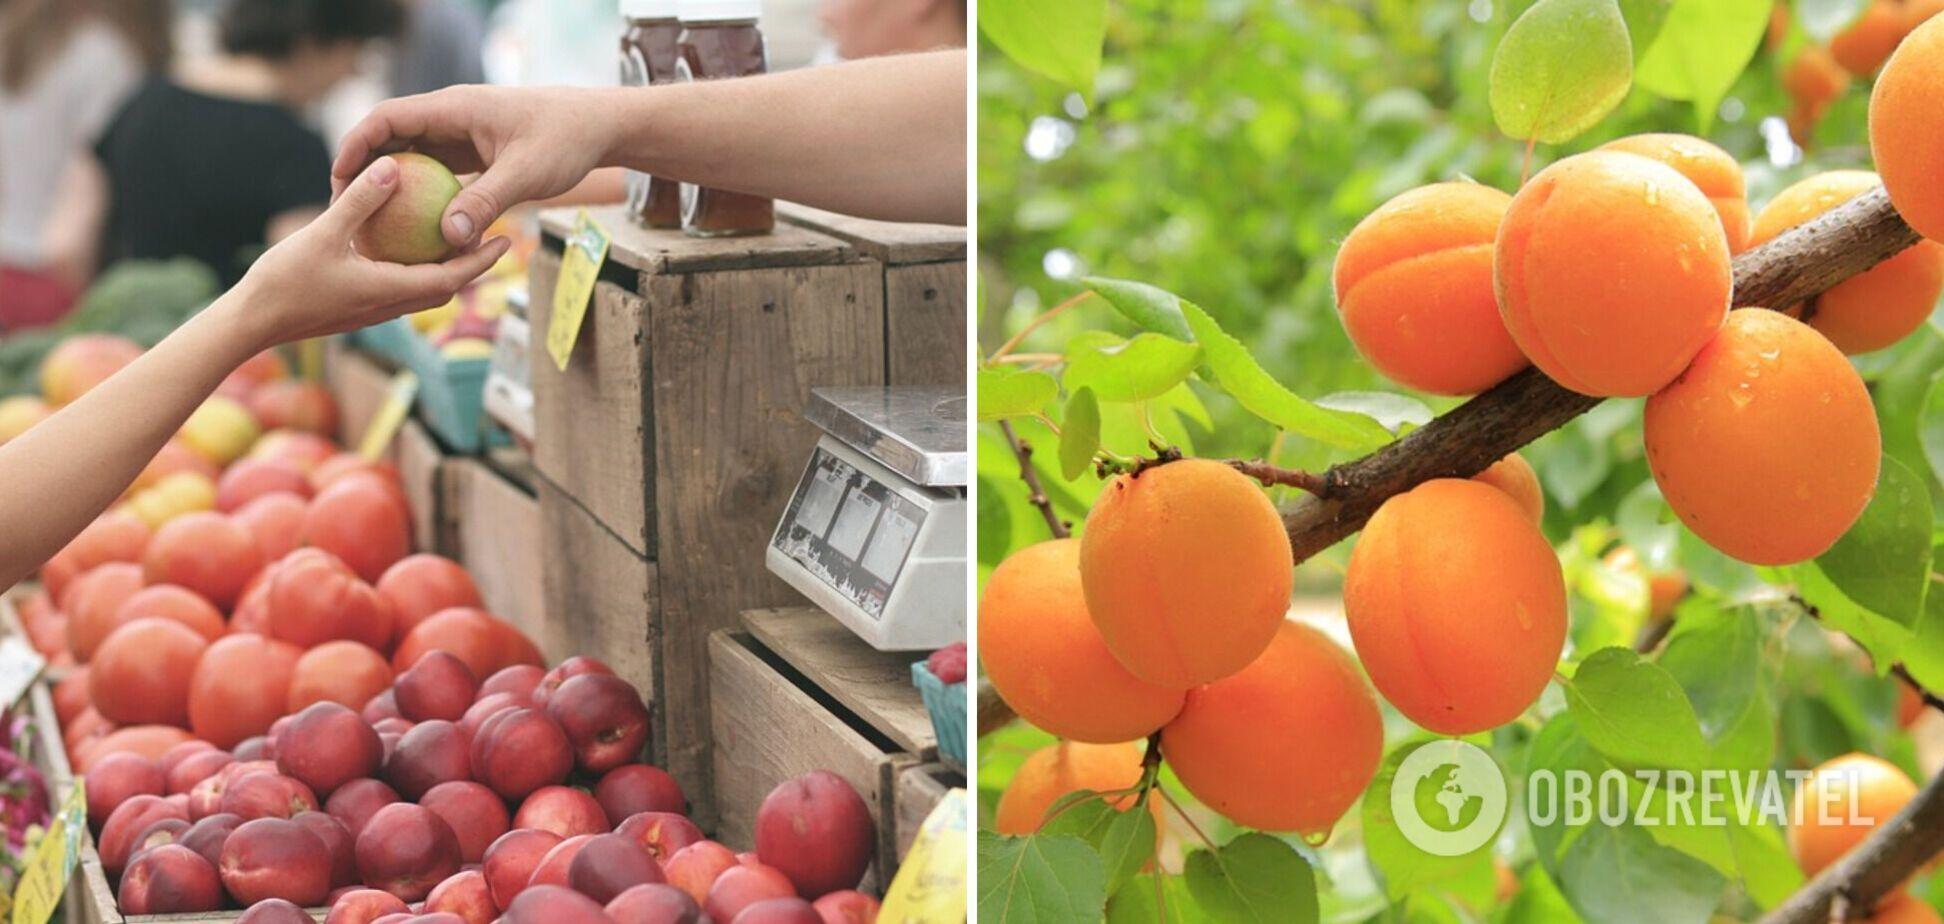 В Украине цены на фрукты бьют рекорды: озвучен прогноз, что будет дальше